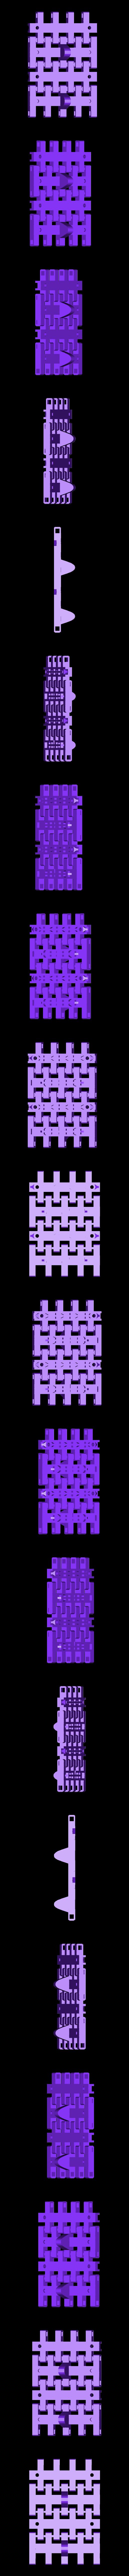 T-34-76 - tracks-with-rods_NARROW_x4.stl Télécharger fichier STL T-34/76 pour l'assemblage, avec voies mobiles • Objet pour imprimante 3D, c47